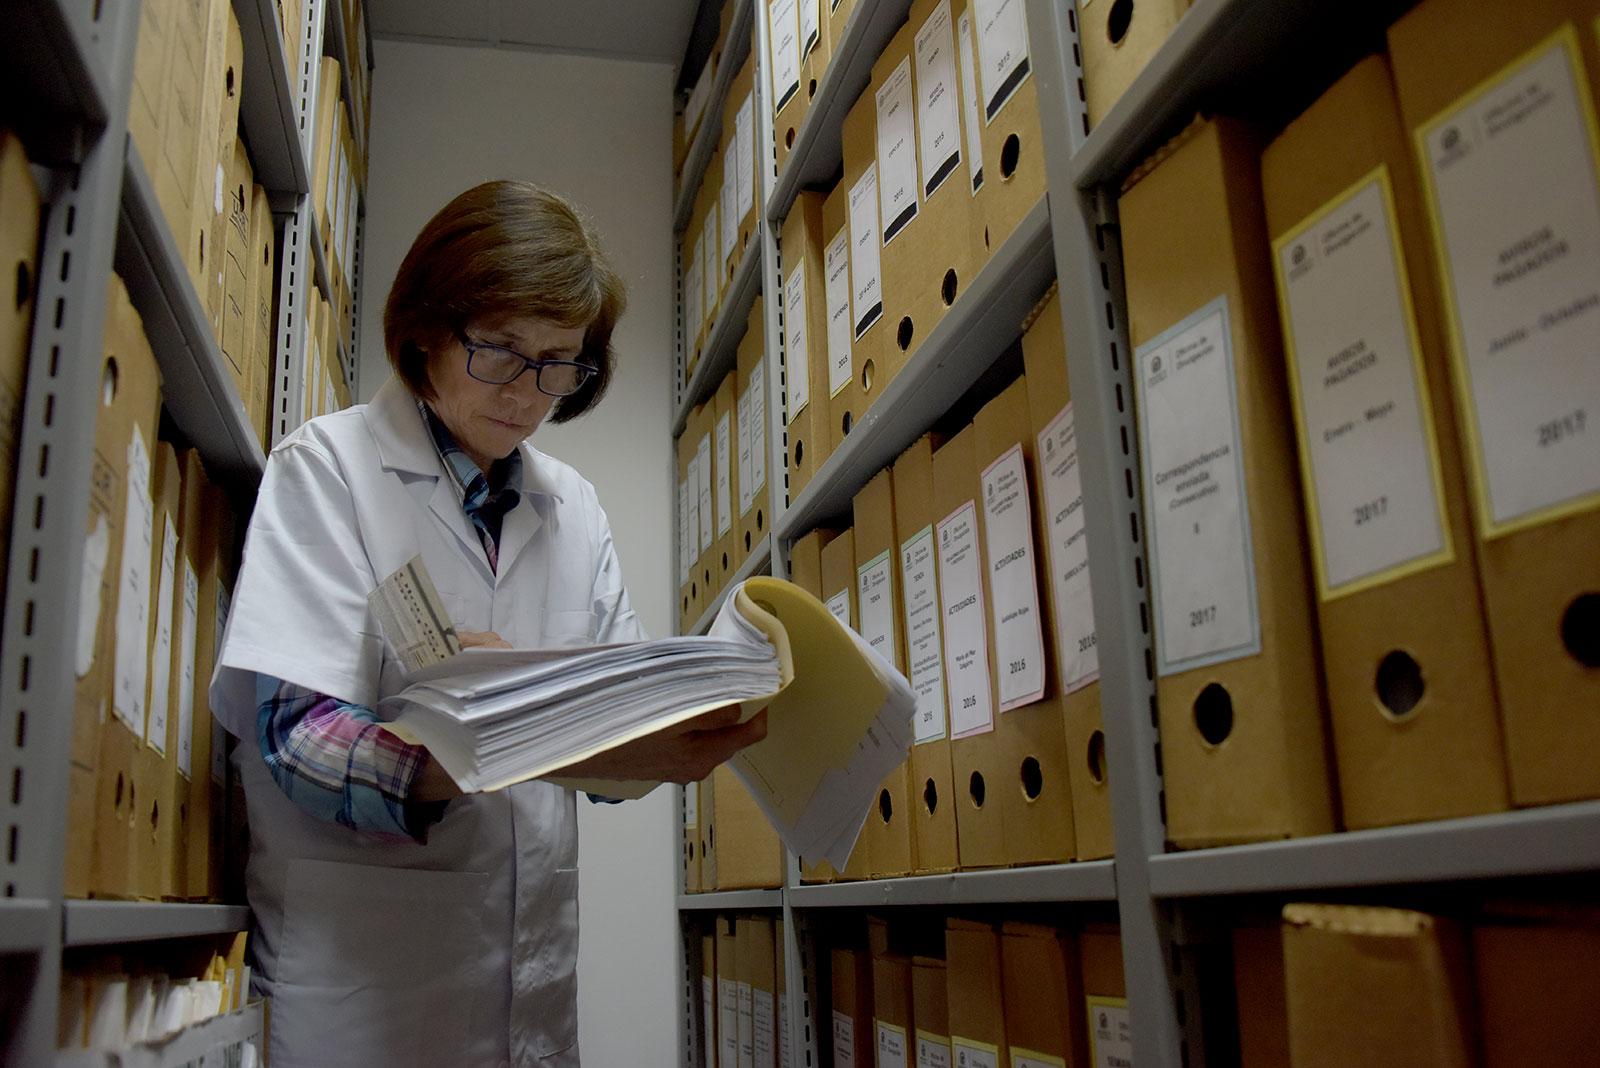 ¿Qué propone la nueva Ley de Archivos en el Ecuador?